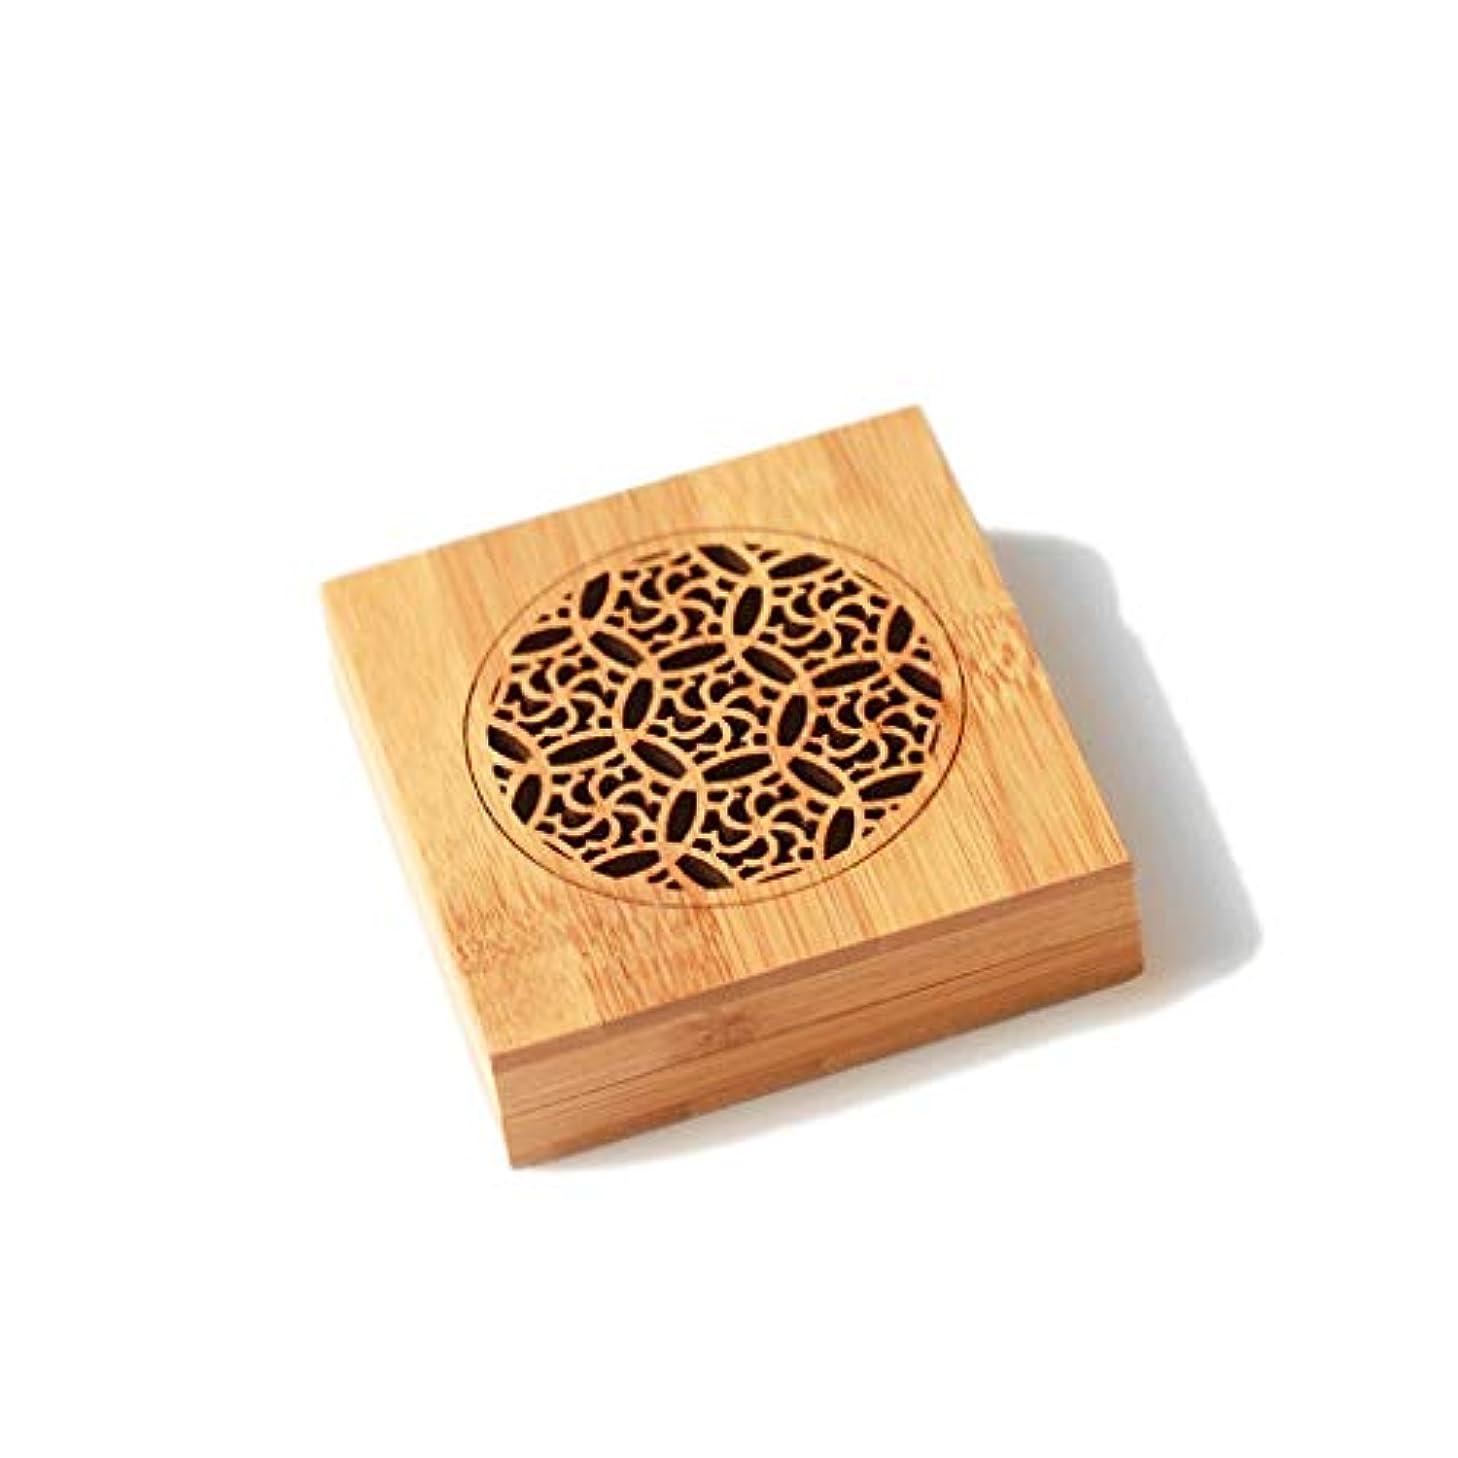 泣き叫ぶ不幸アルファベット順竹の香バーナーコイルの香バーナー部屋の装飾瞑想竹の香り天然素材香ホルダー 芳香器?アロマバーナー (Color : WOOD, サイズ : Square)